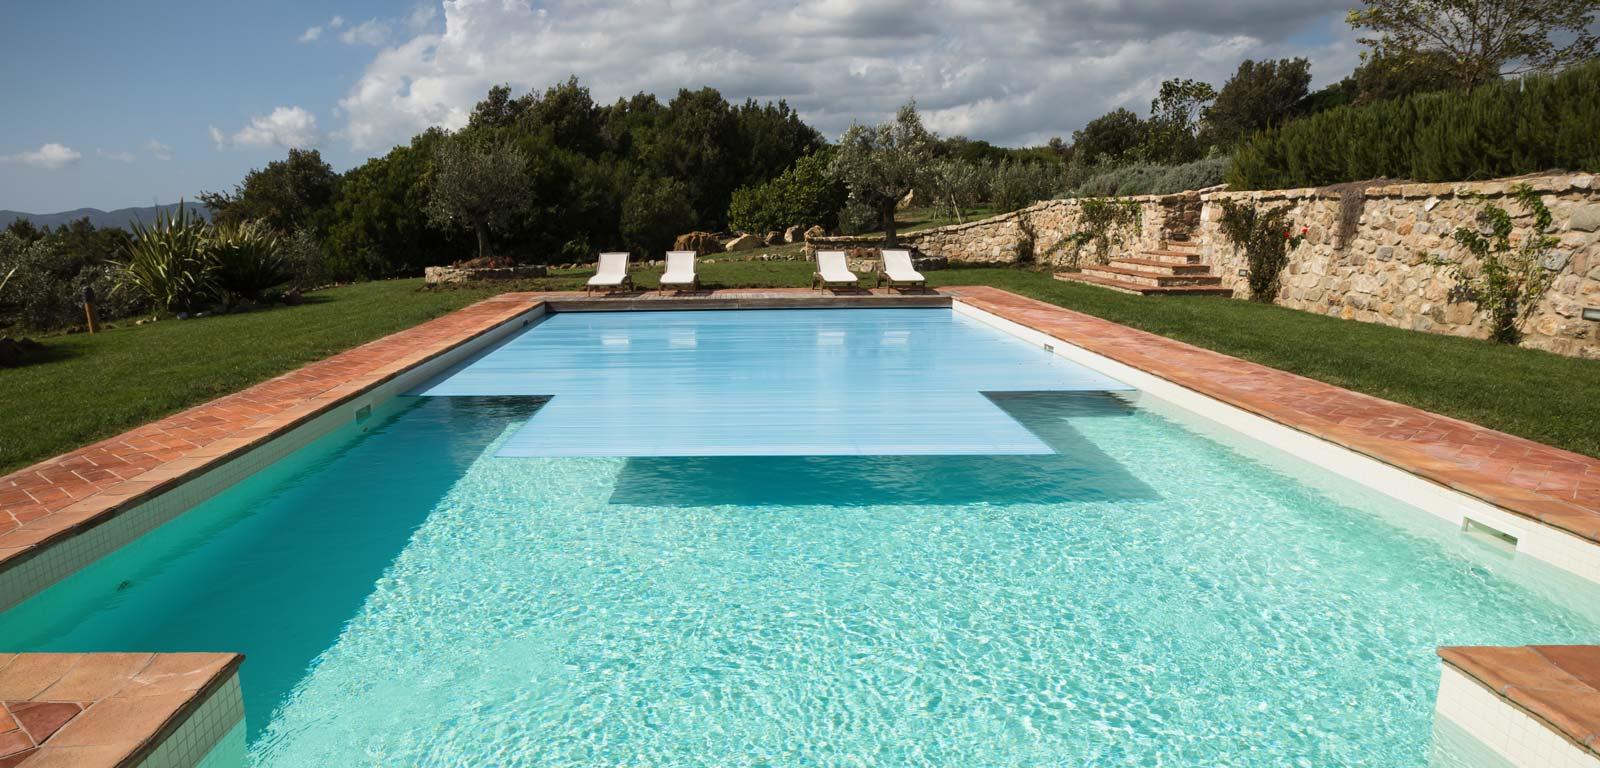 Coperture per piscine per proteggere l 39 acqua piscine - Immagini di piscine ...